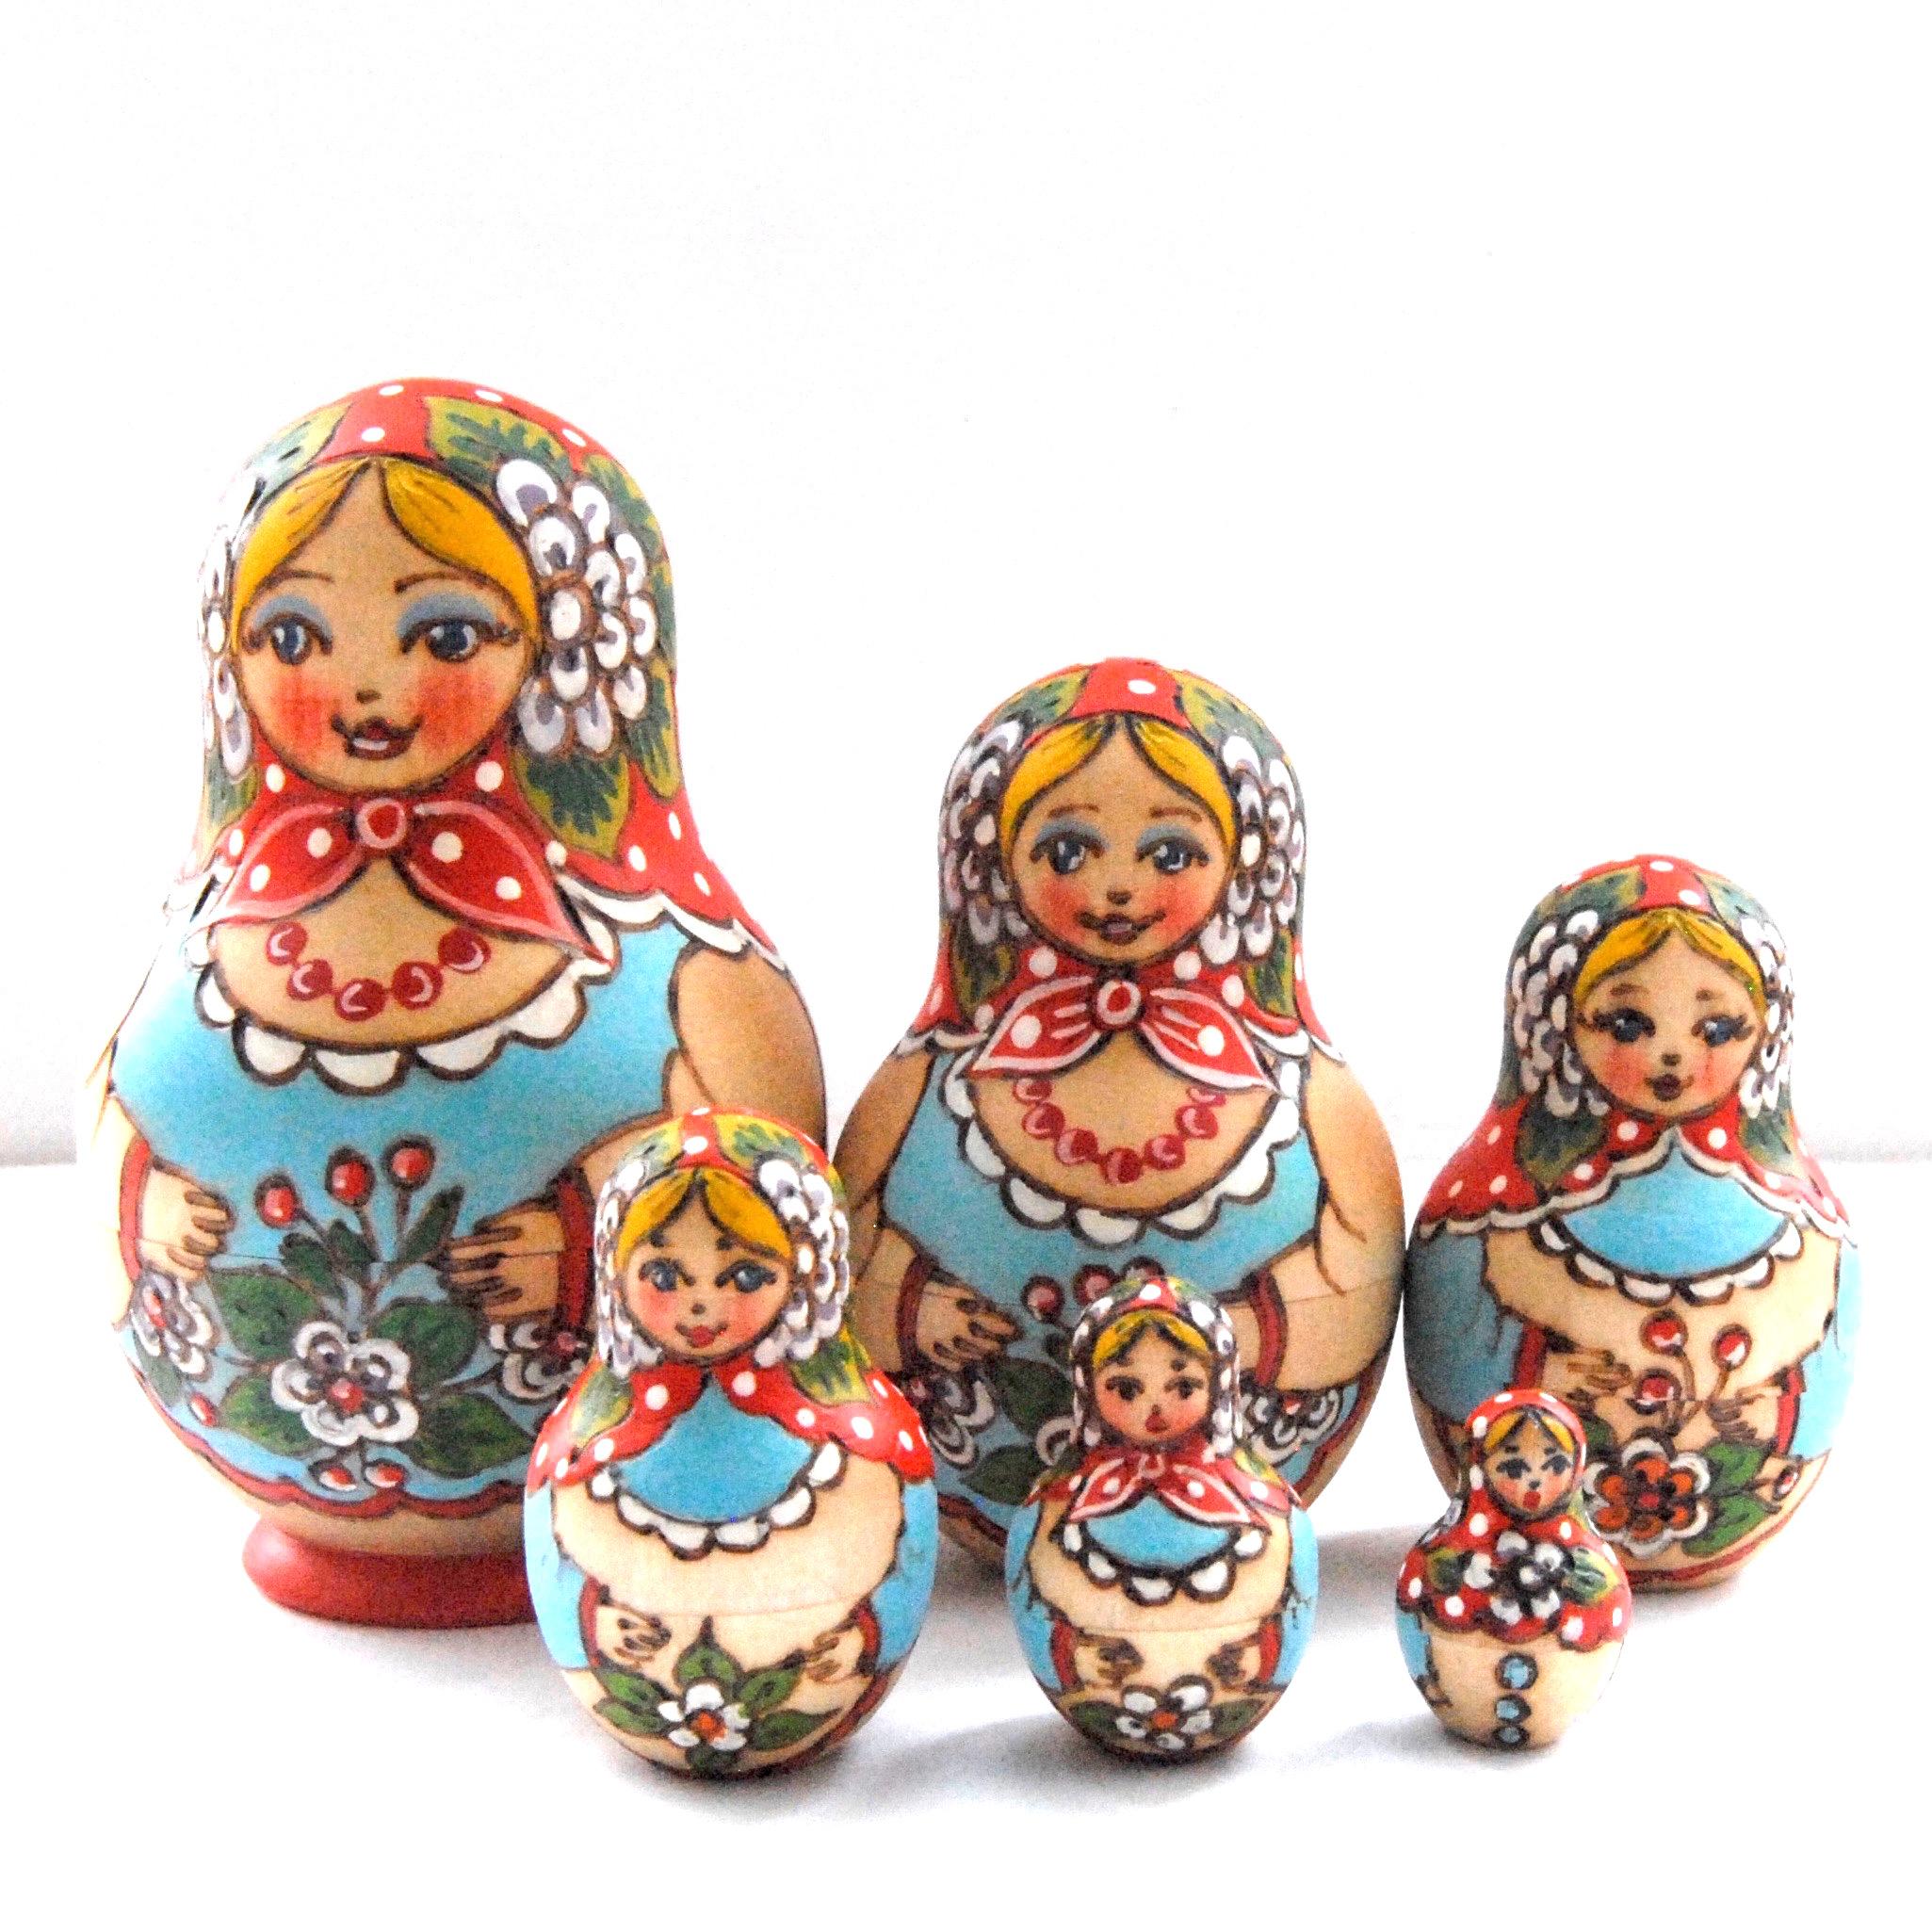 5-местная матрешка, выполненная в традициях сергиево-посадского промысла игрушек. Автор: В.А. Седова. Изготовлена в мастерской Шведова В.А.